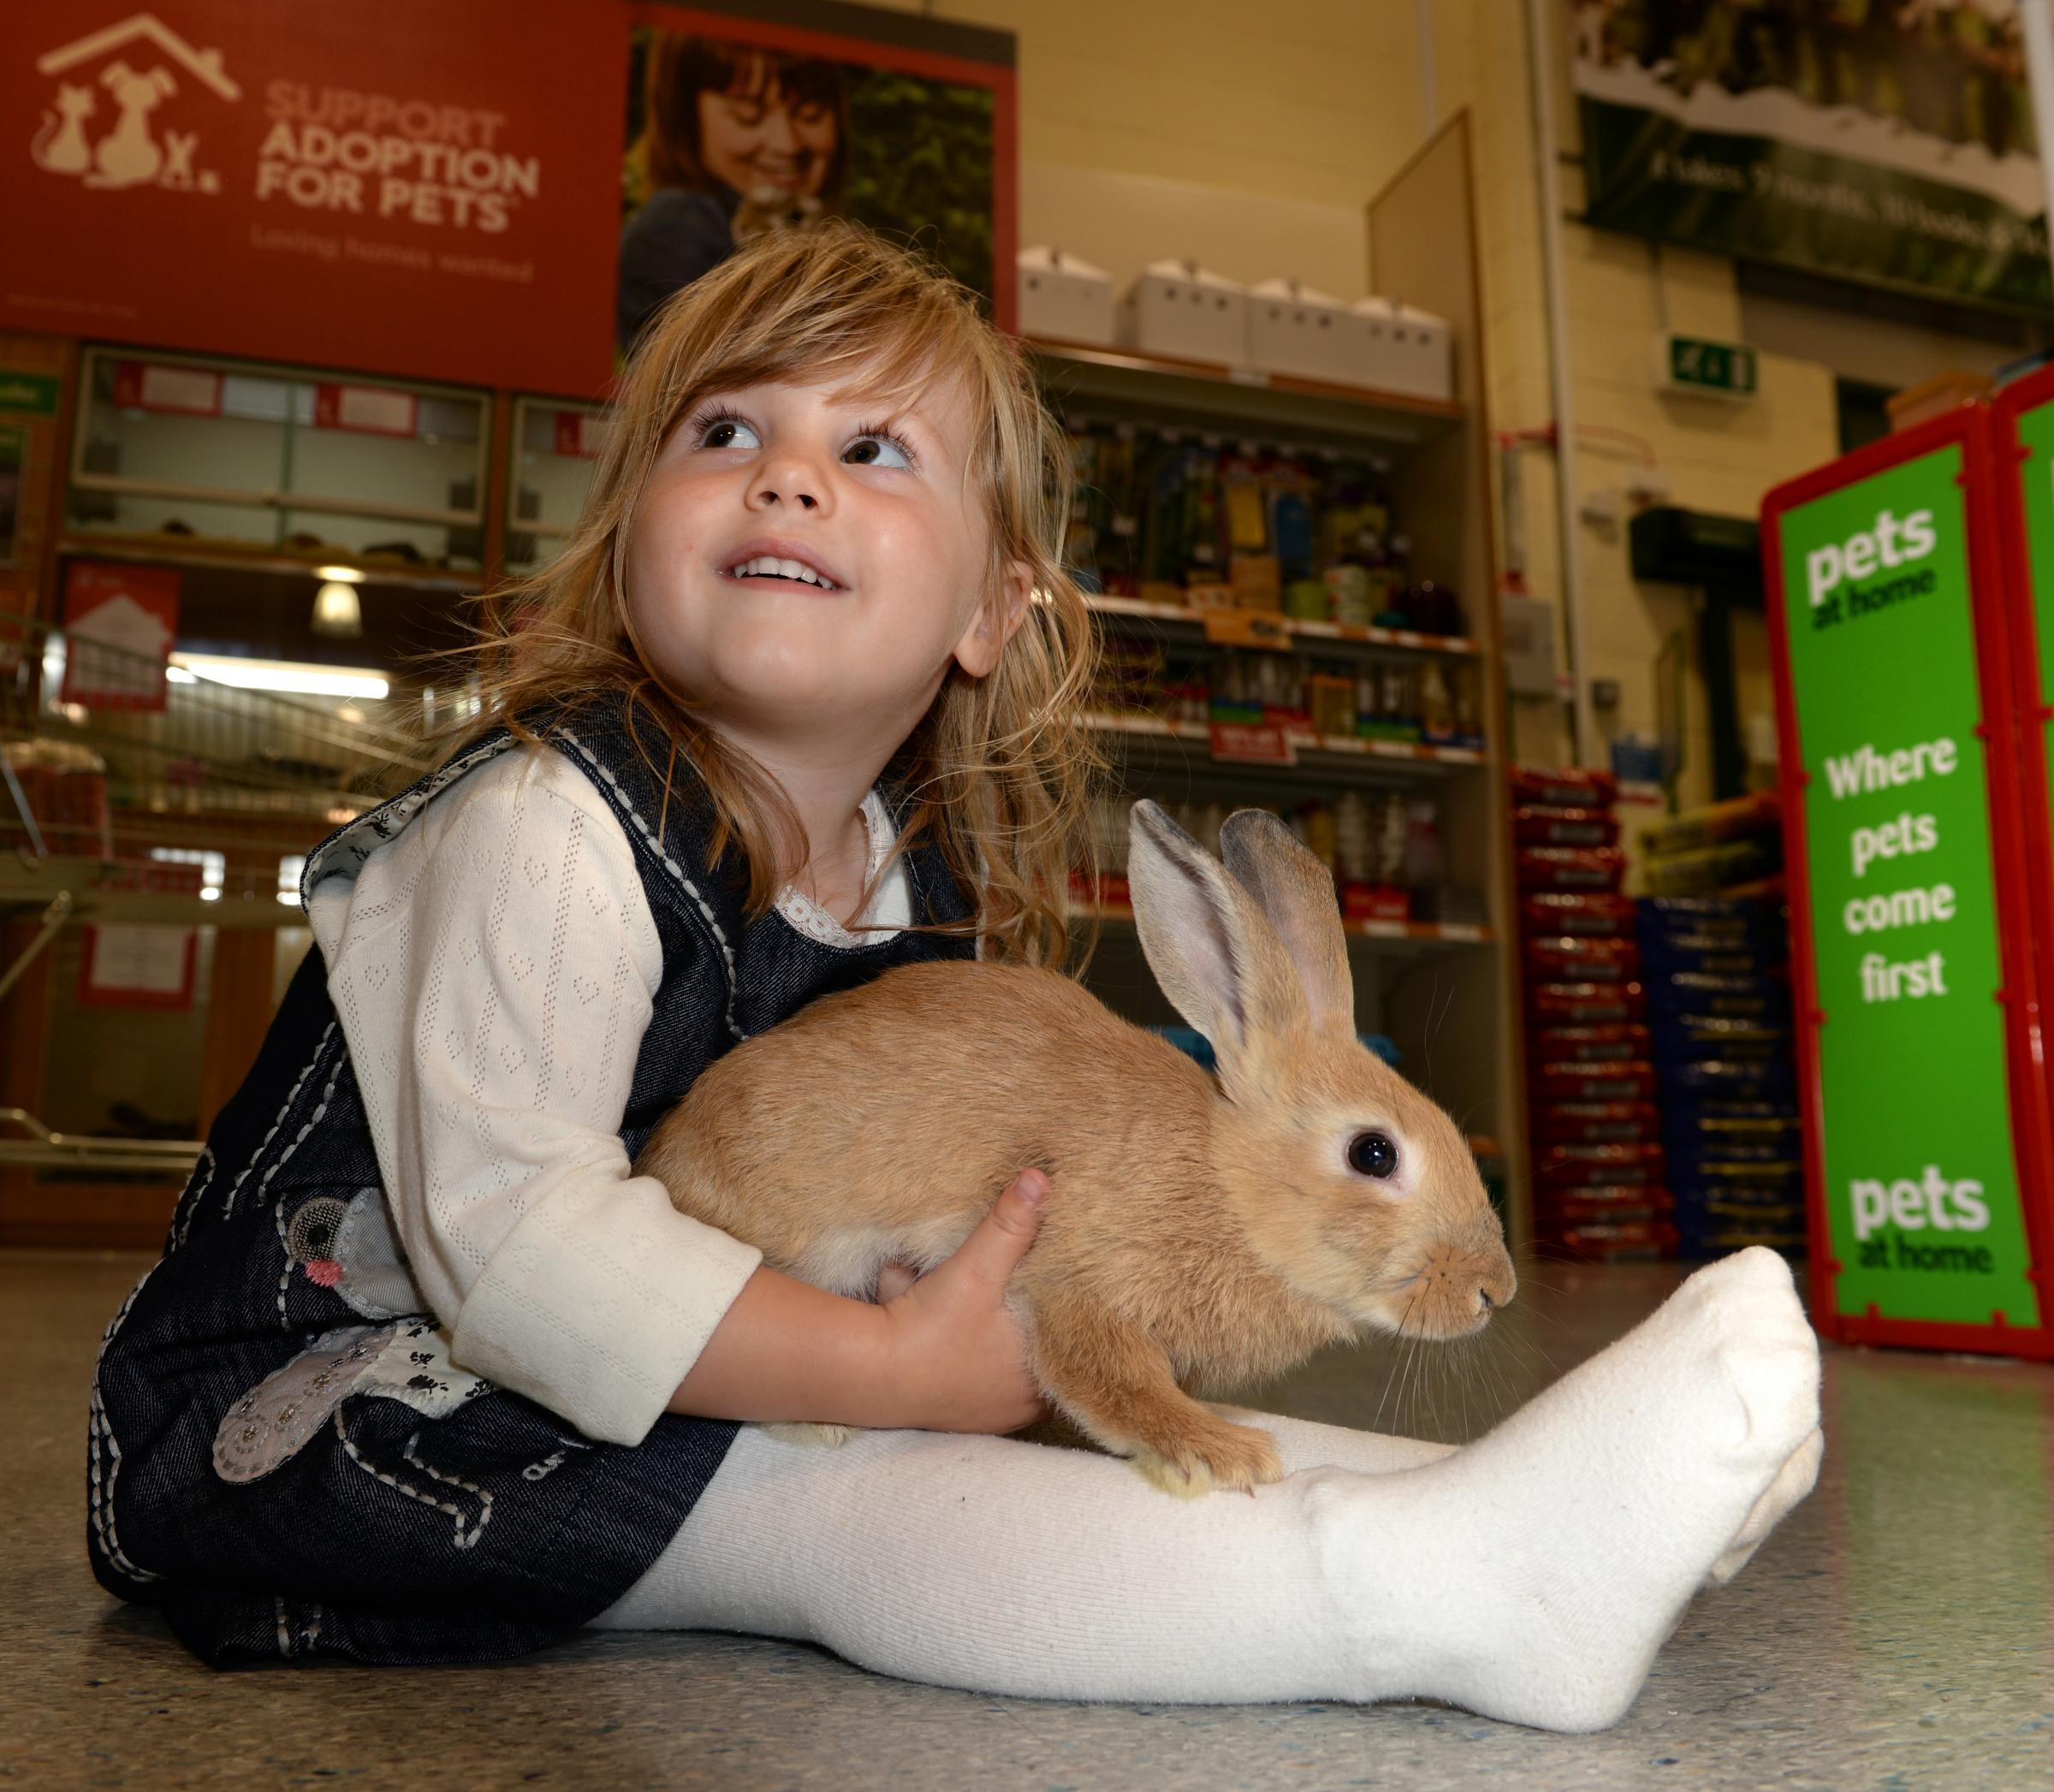 No Rabbits This Easter Pets At Homes Bans Bunny Sales Again The Northern Echo